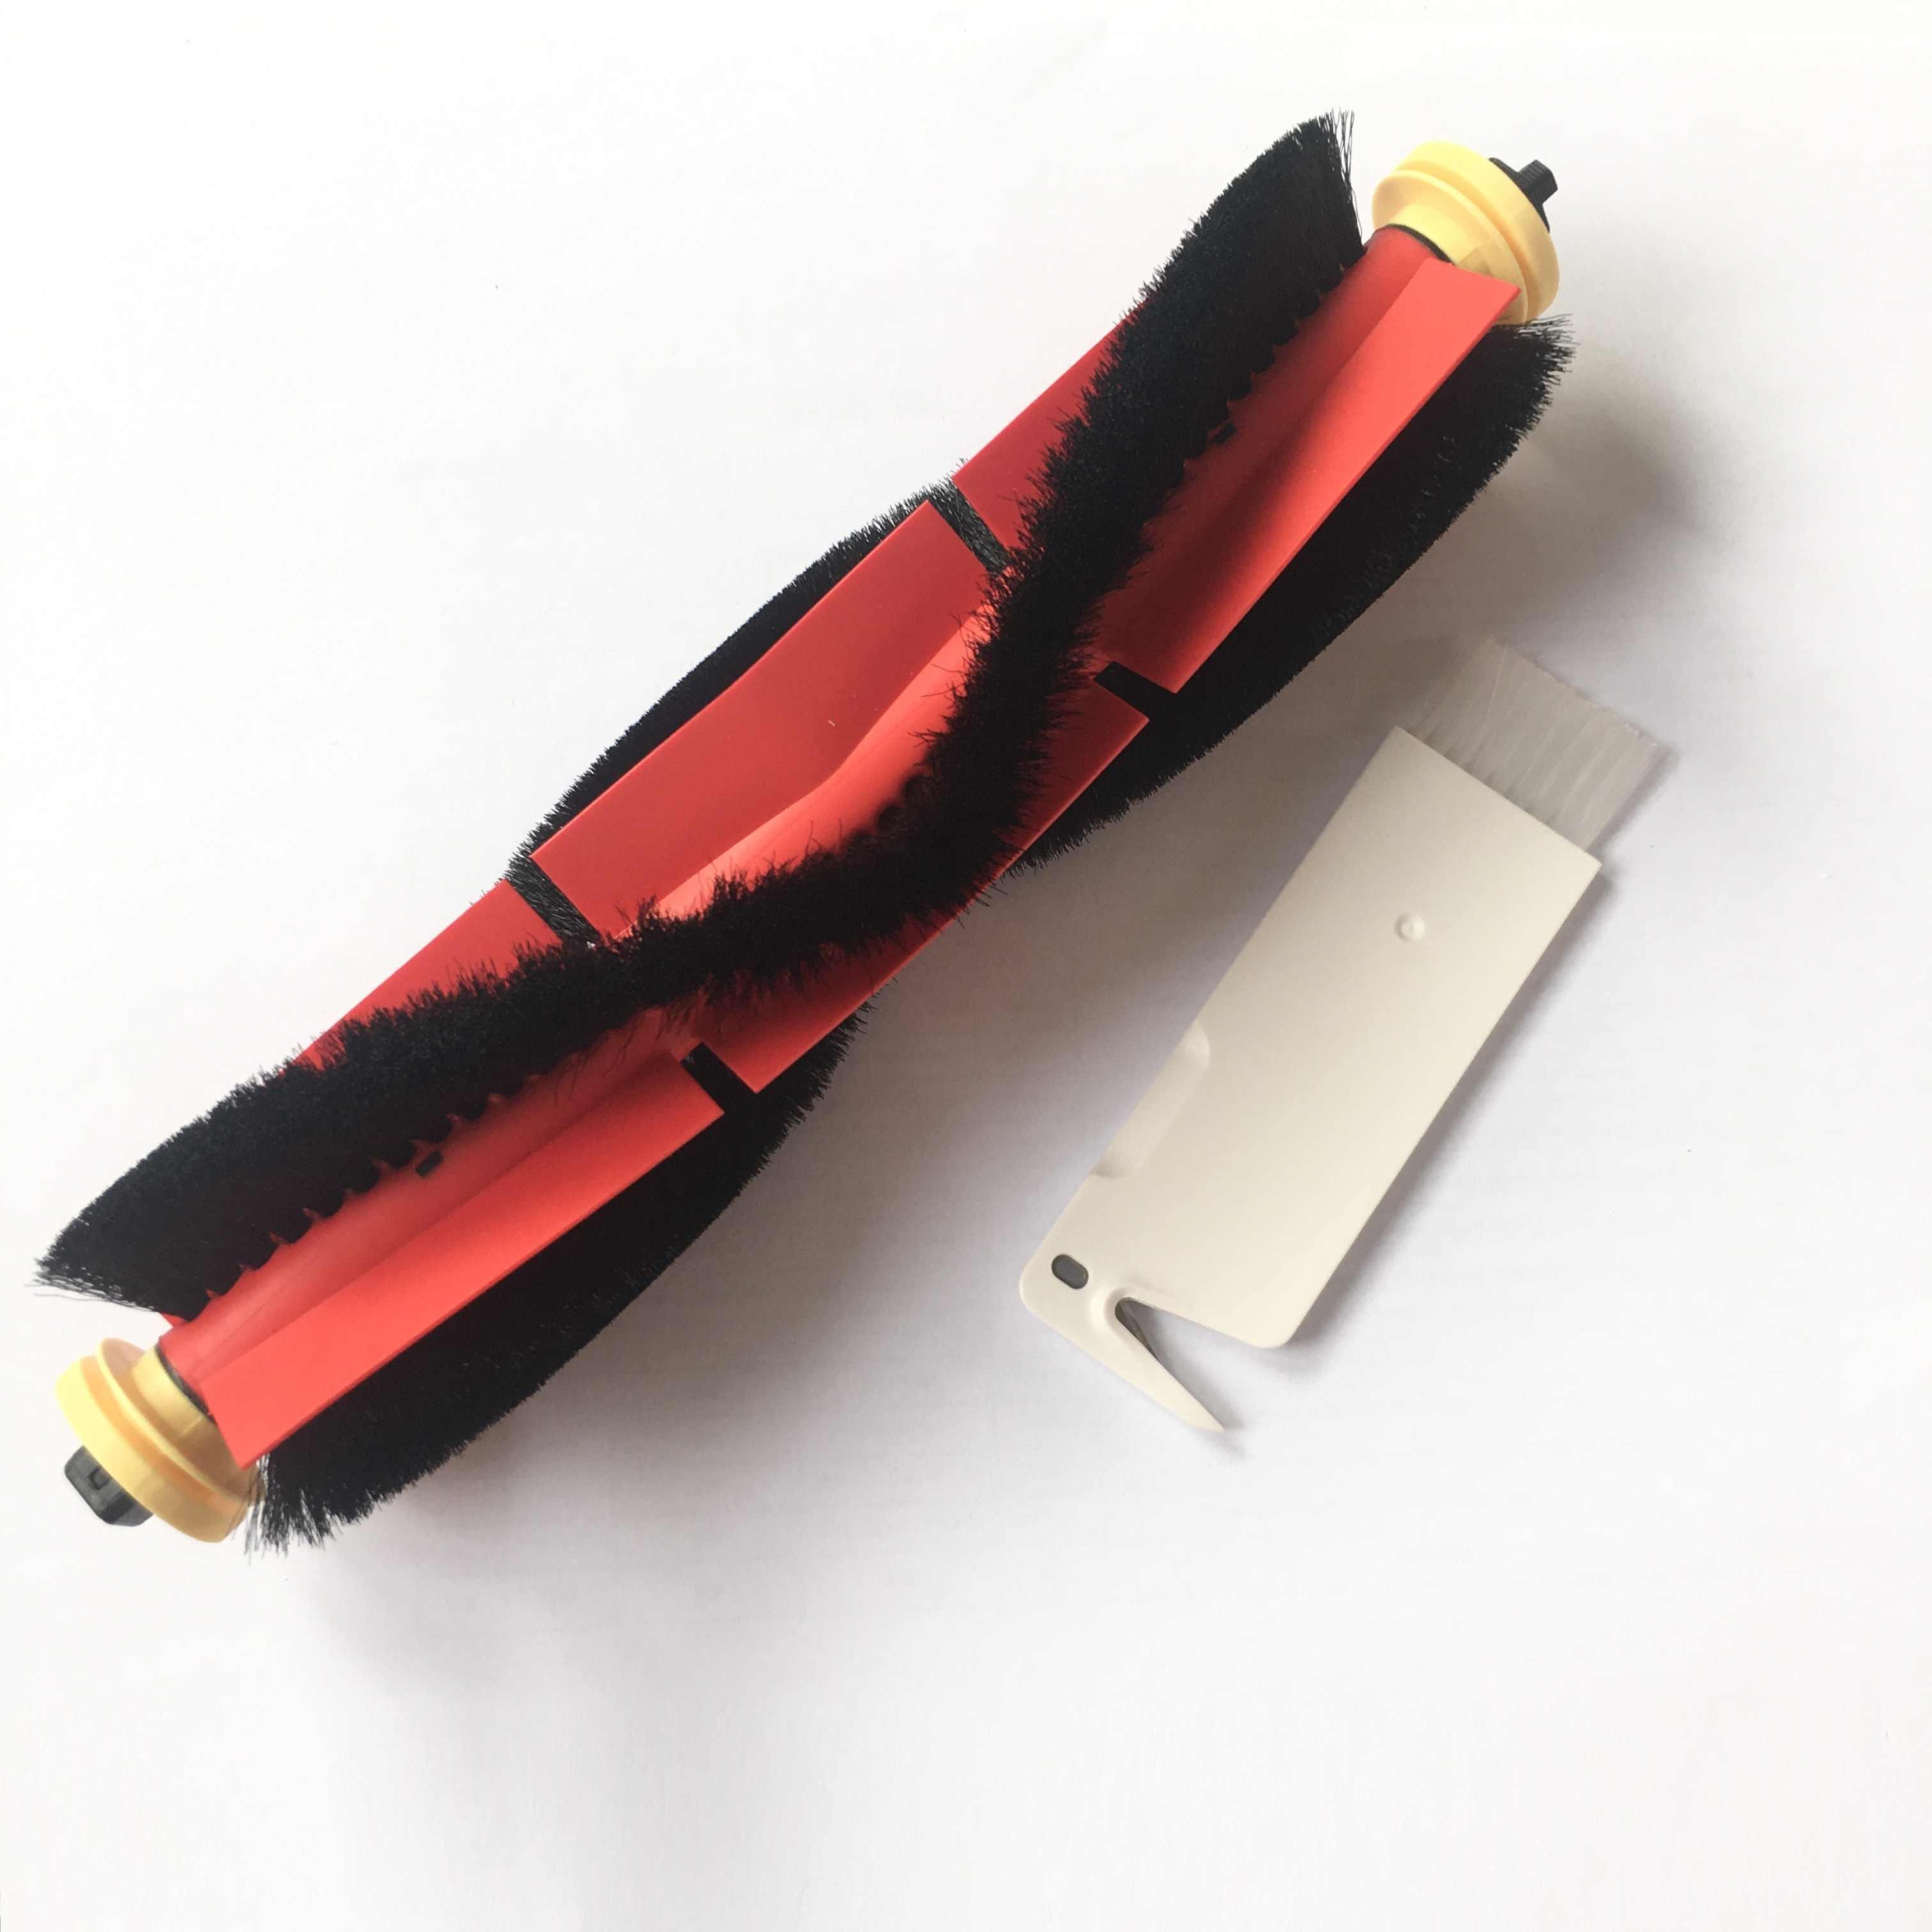 طقم فرش جانبي مطاطي من روبوروك للمكنسة الكهربائية روبوروك S60 S61 أبيض S65 قطع غيار ملحقات سوداء